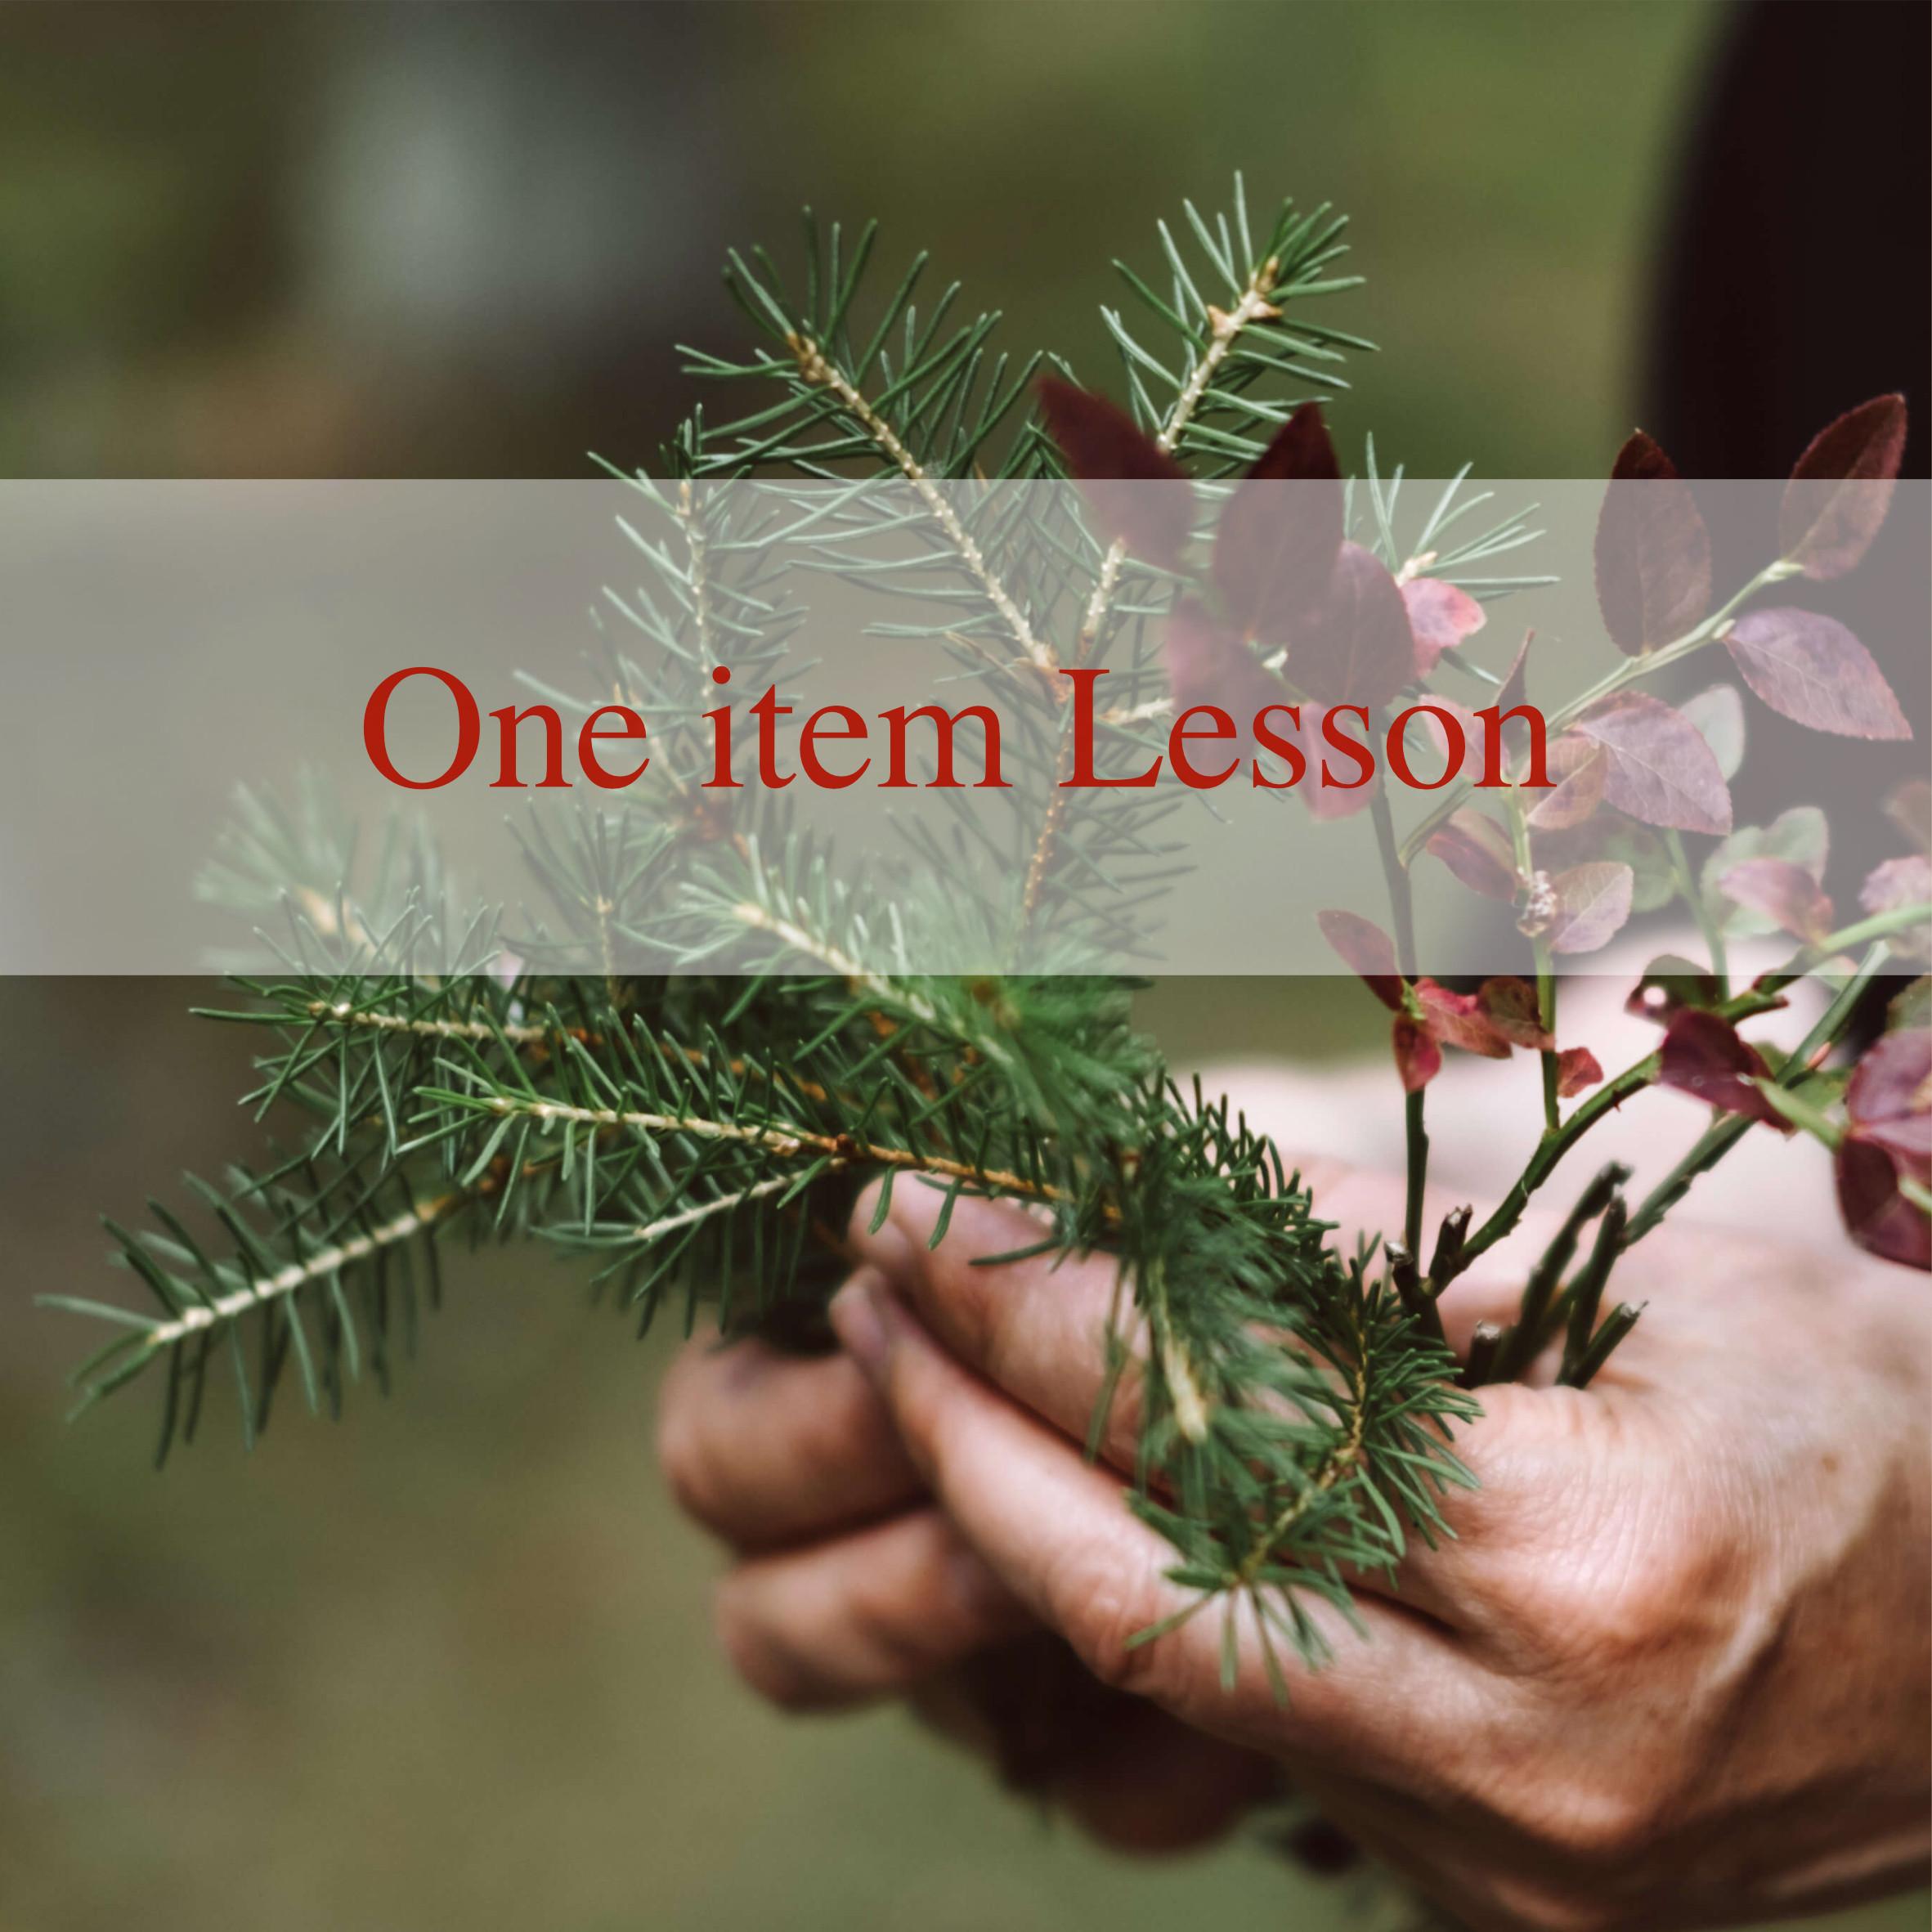 1 item lesson